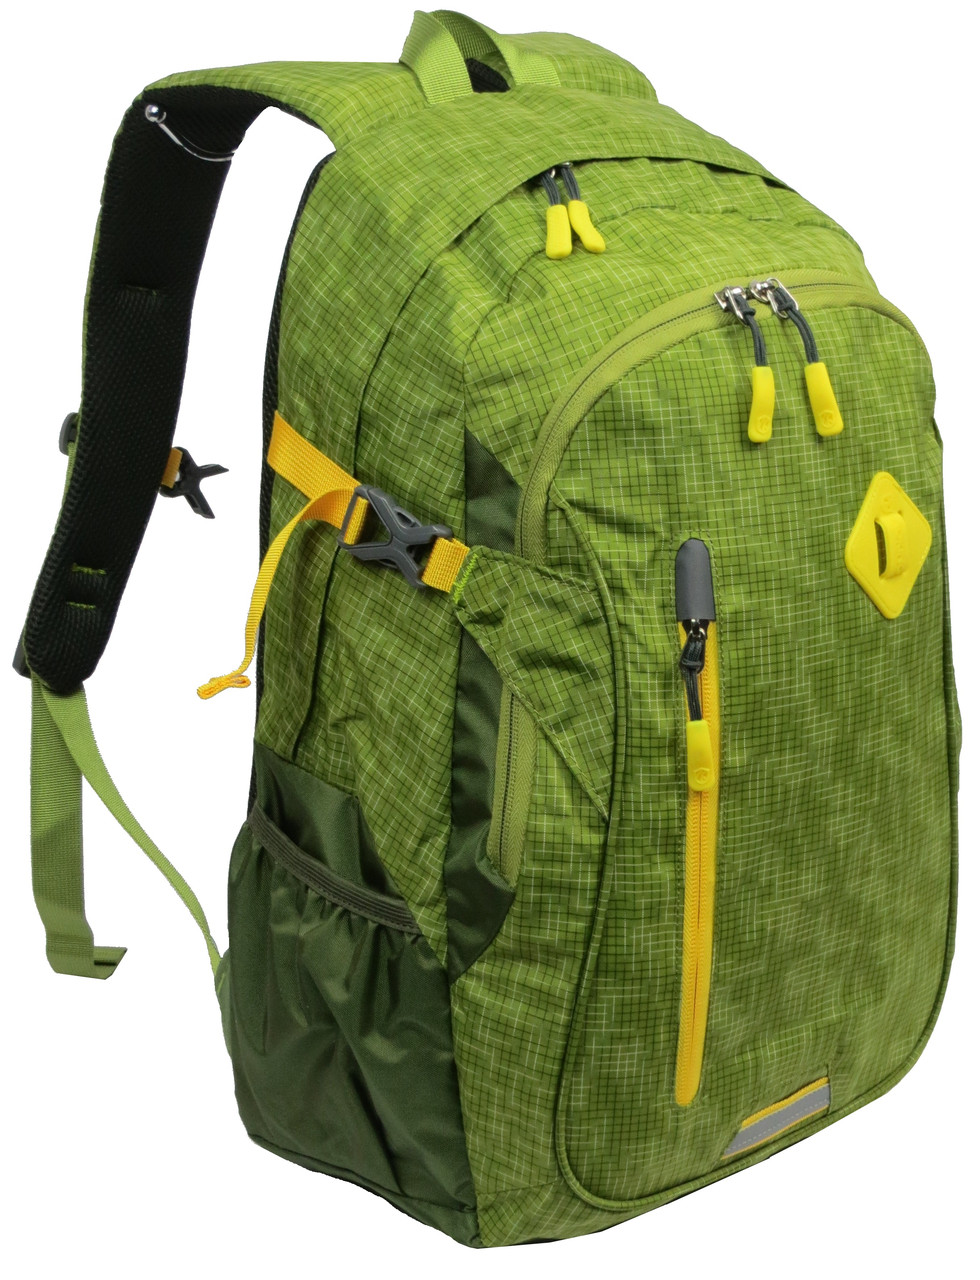 Яркий спортивный рюкзак с удобной спинкой 18 л. Aoking 703221 салатовый